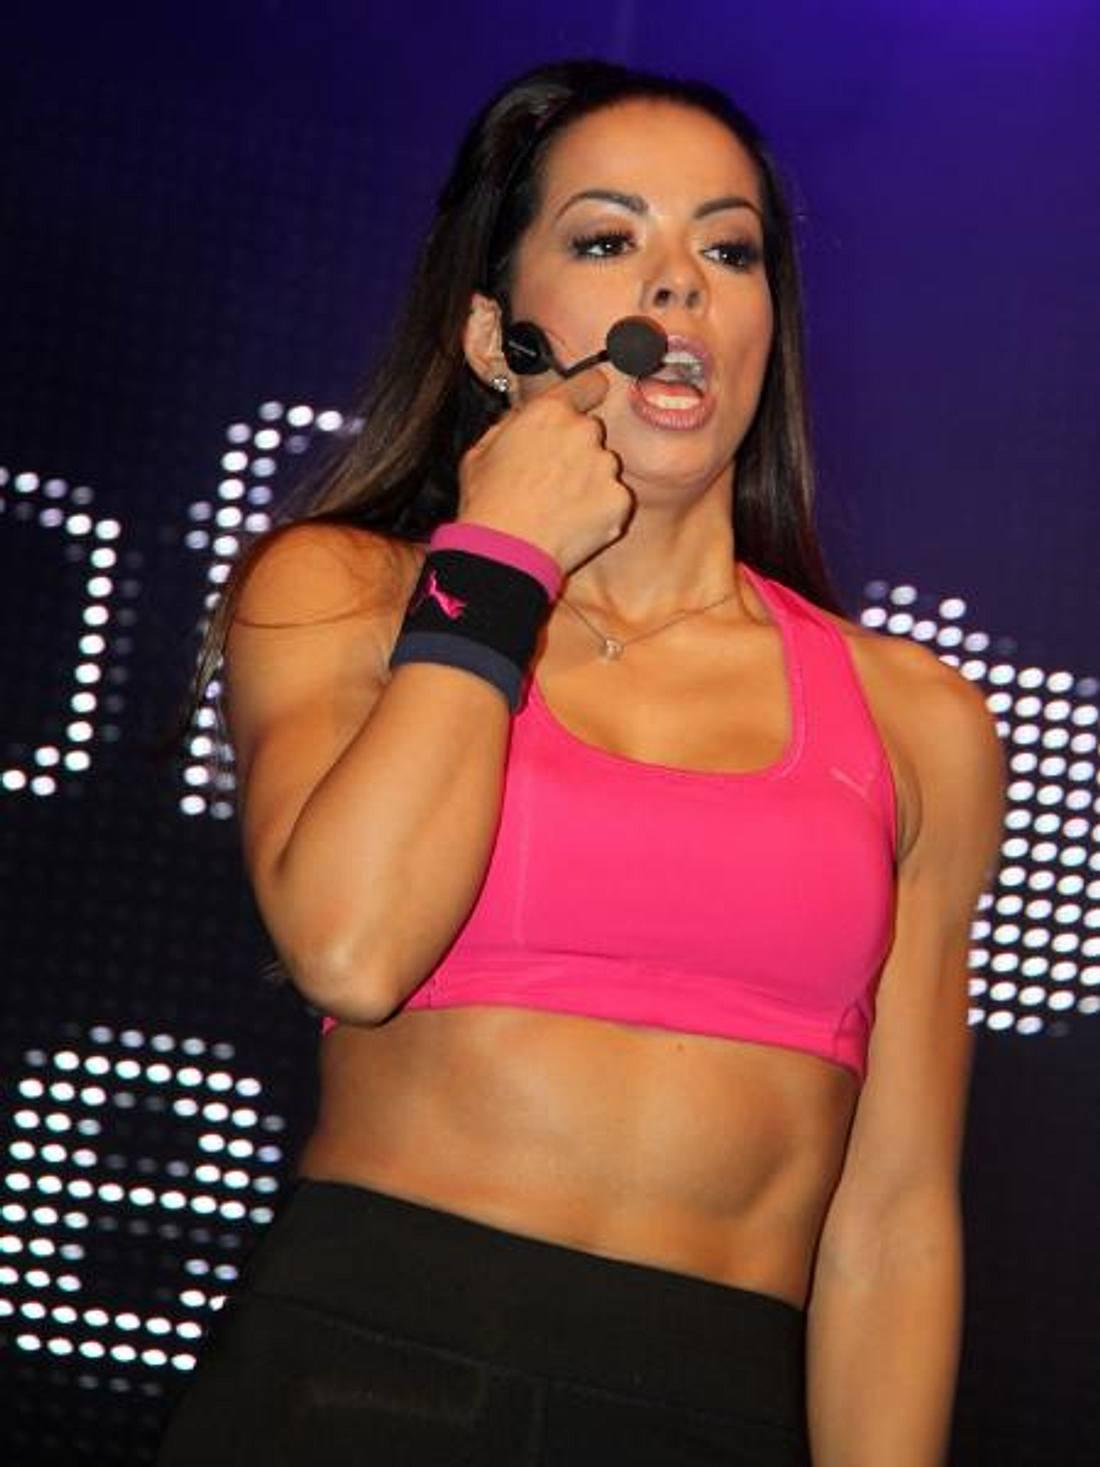 Fernanda Brandao zeigt ihren Sixpack-Bauch